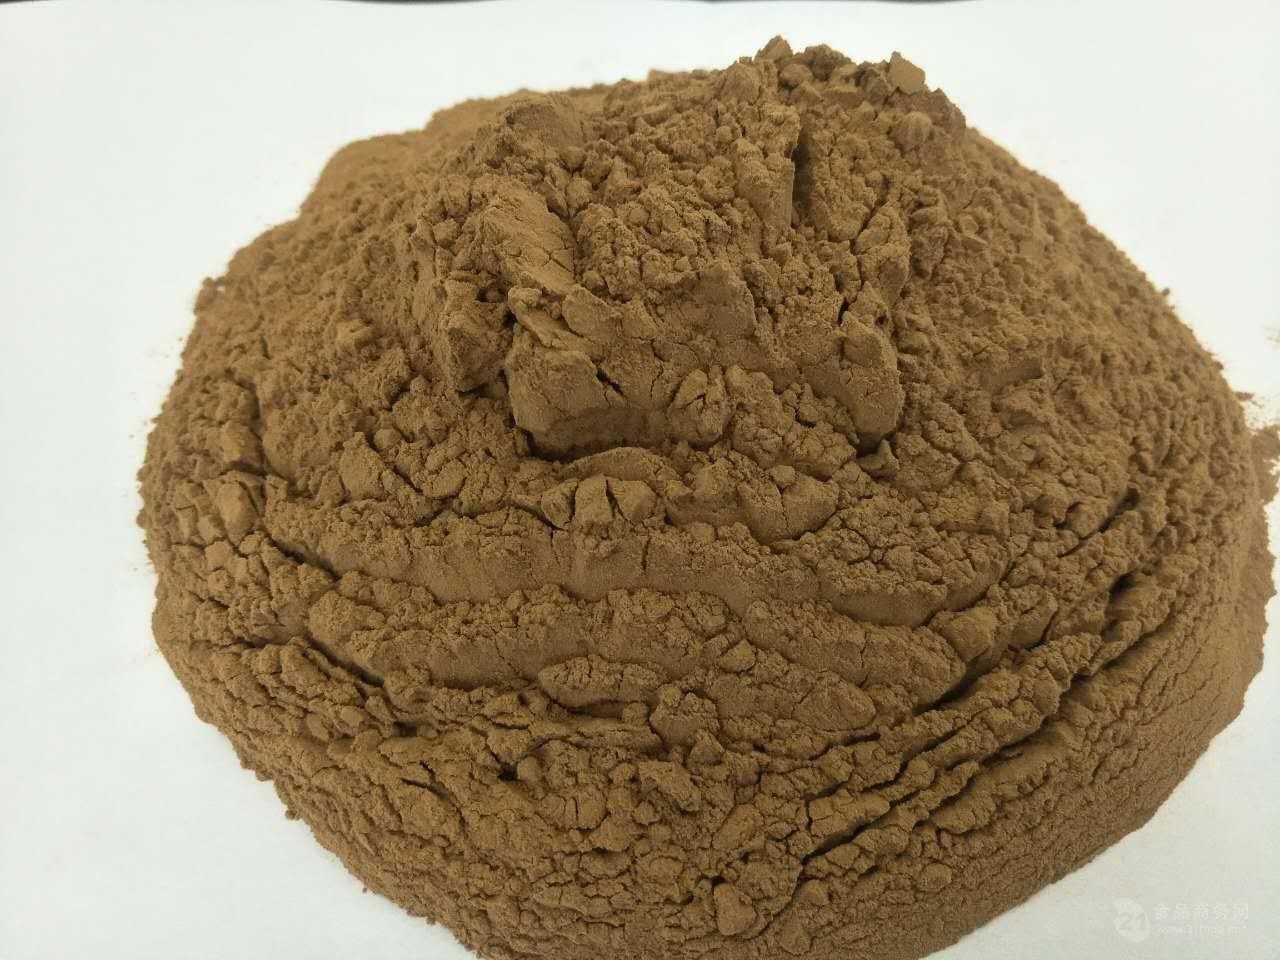 锁阳提取物10:1 生物碱/皂甙/锁阳多糖/锁阳碱80% 宁夏锁阳速溶粉